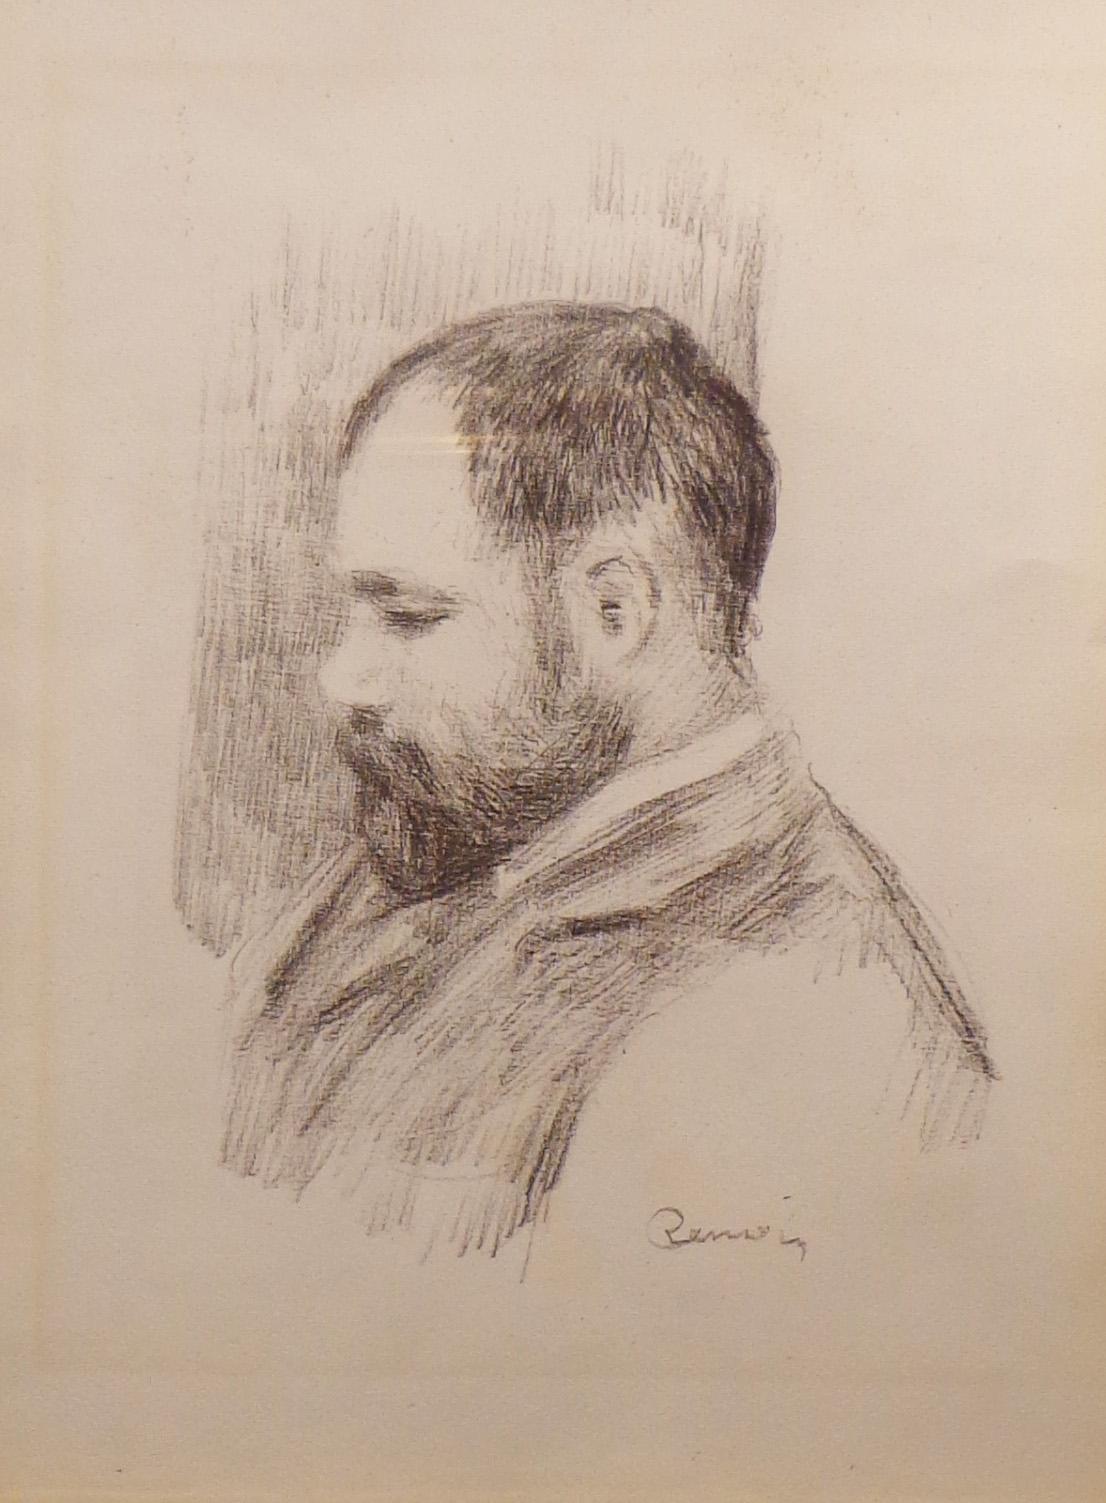 Renoir, Ambrose Vollard